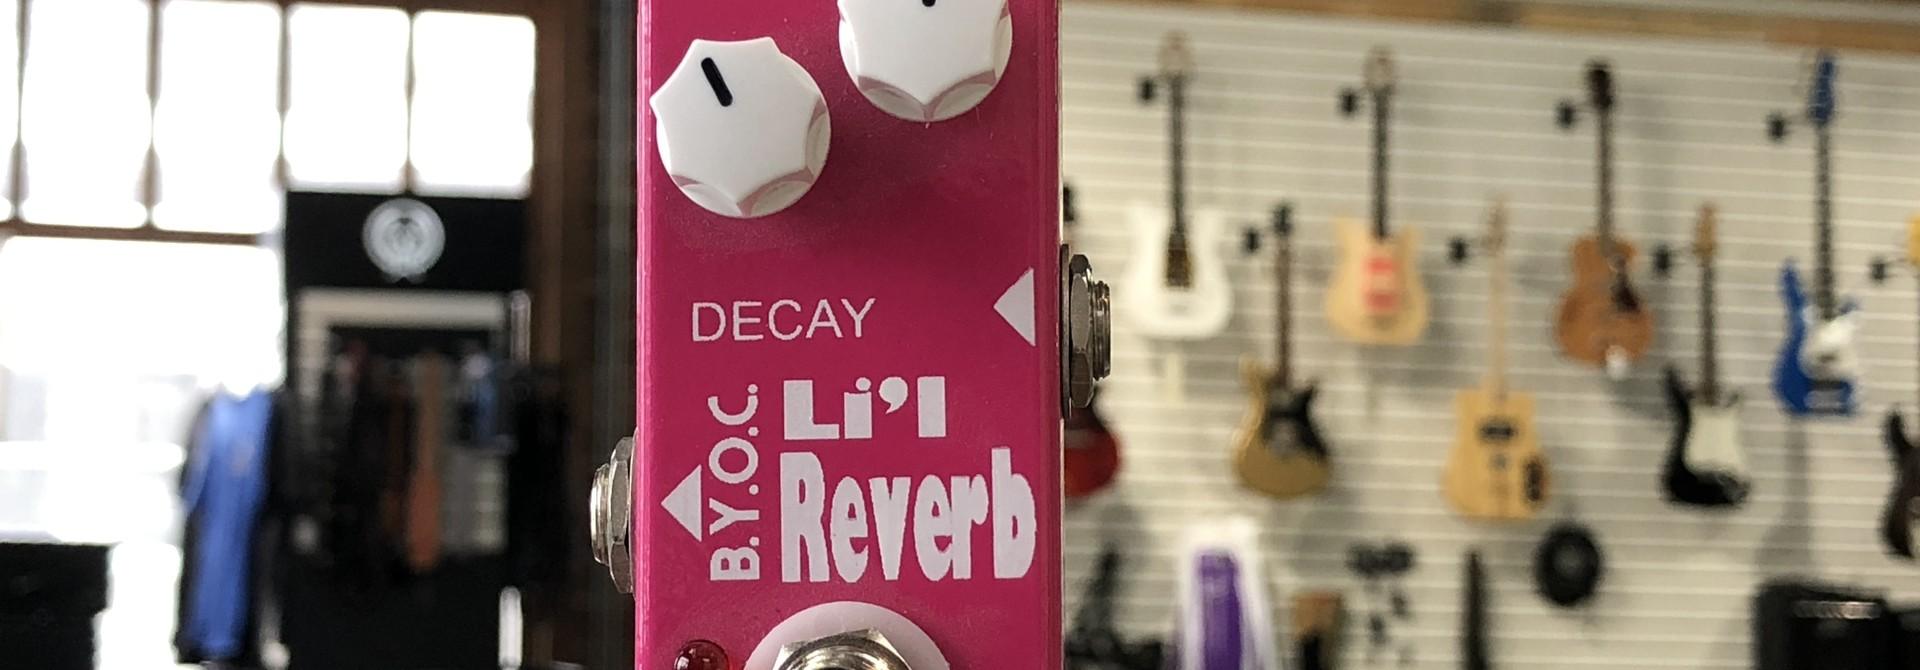 B.Y.O.C. Li'l Reverb